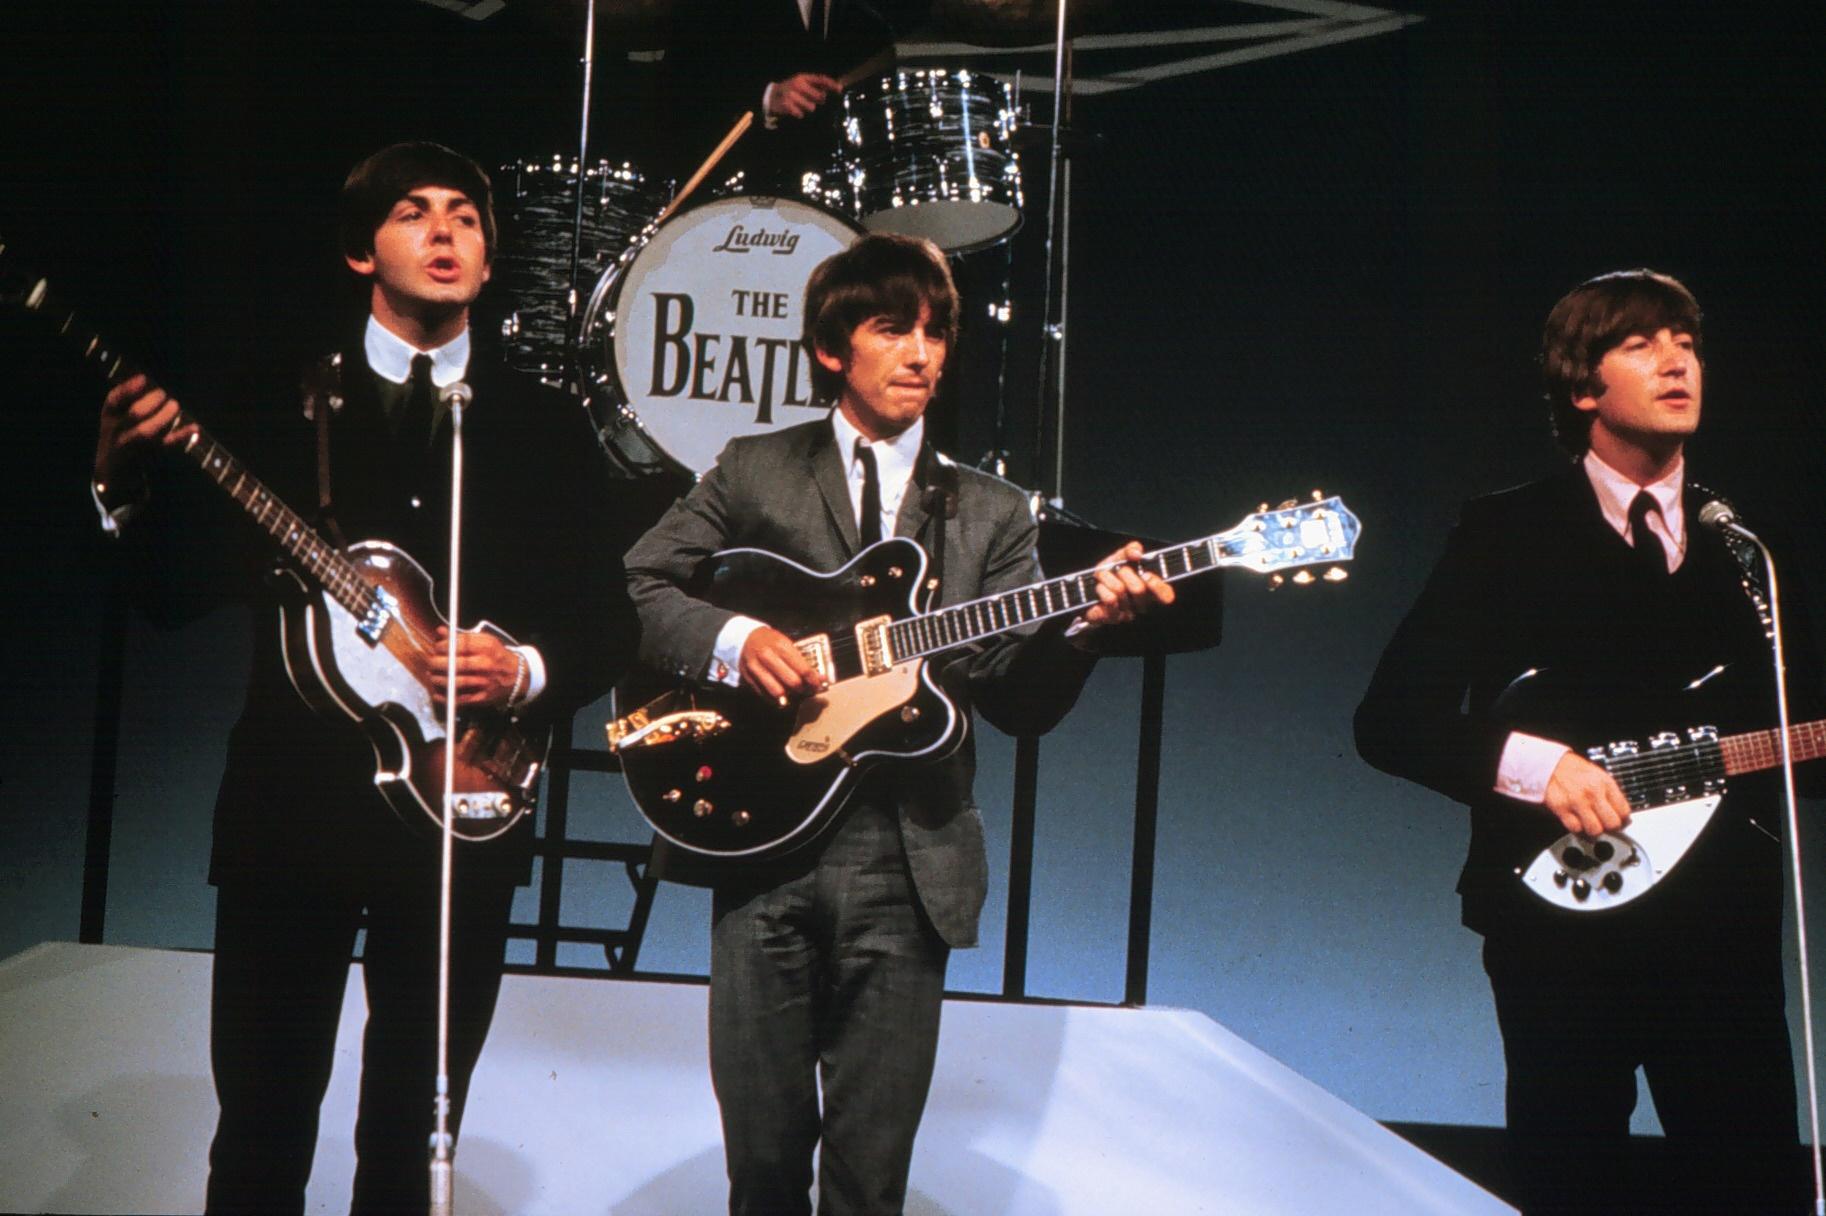 Een foto van een optreden van The Beatles met Paul McCartney